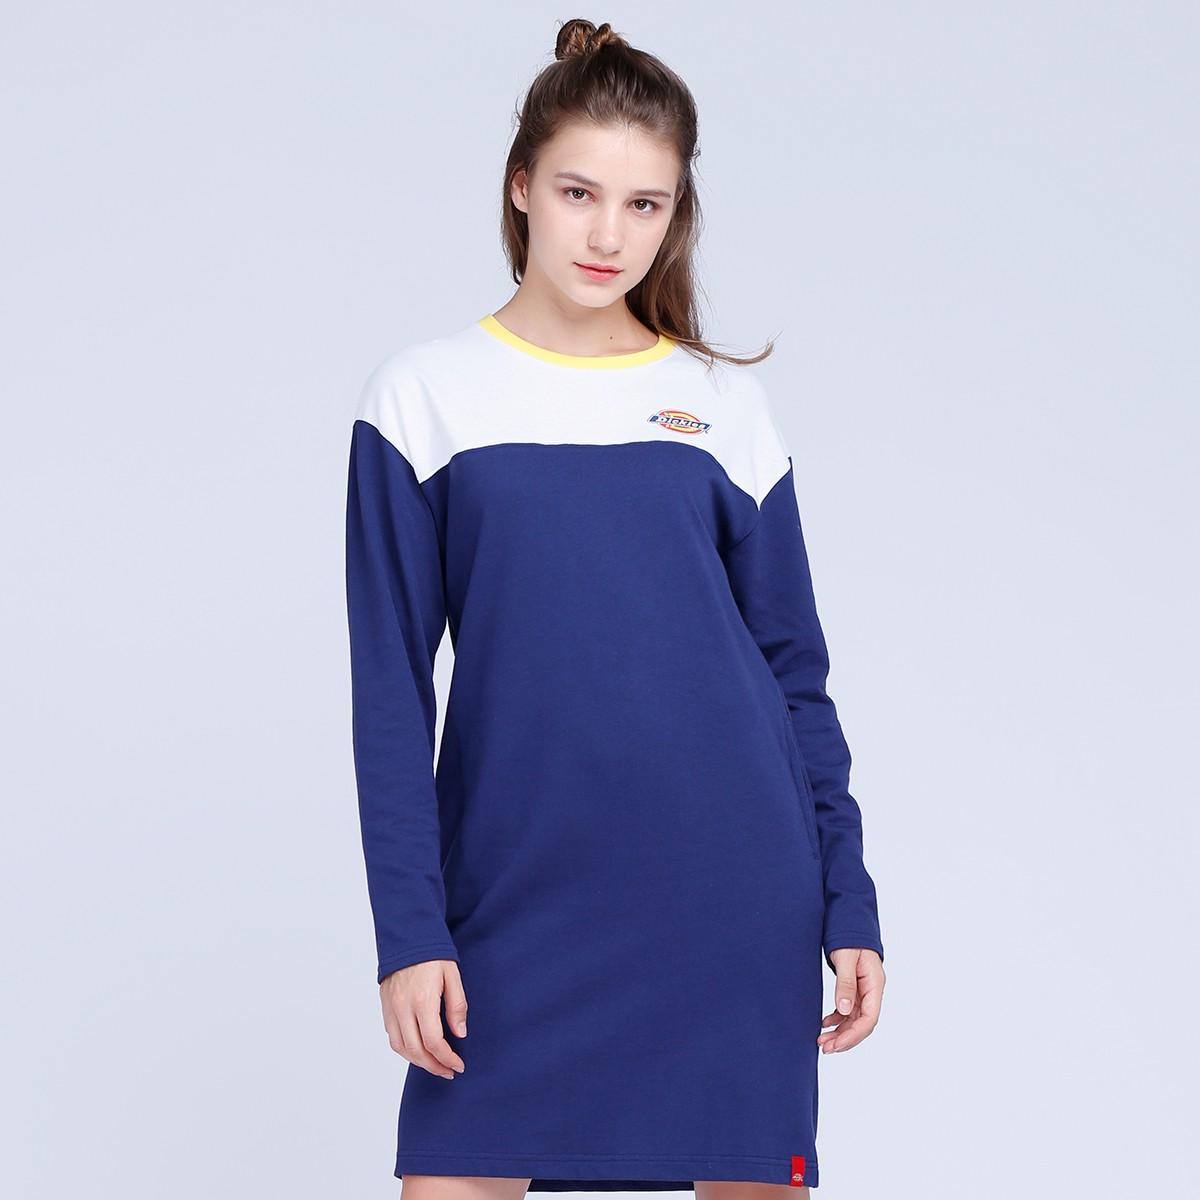 Đầm thun in chữ lưng